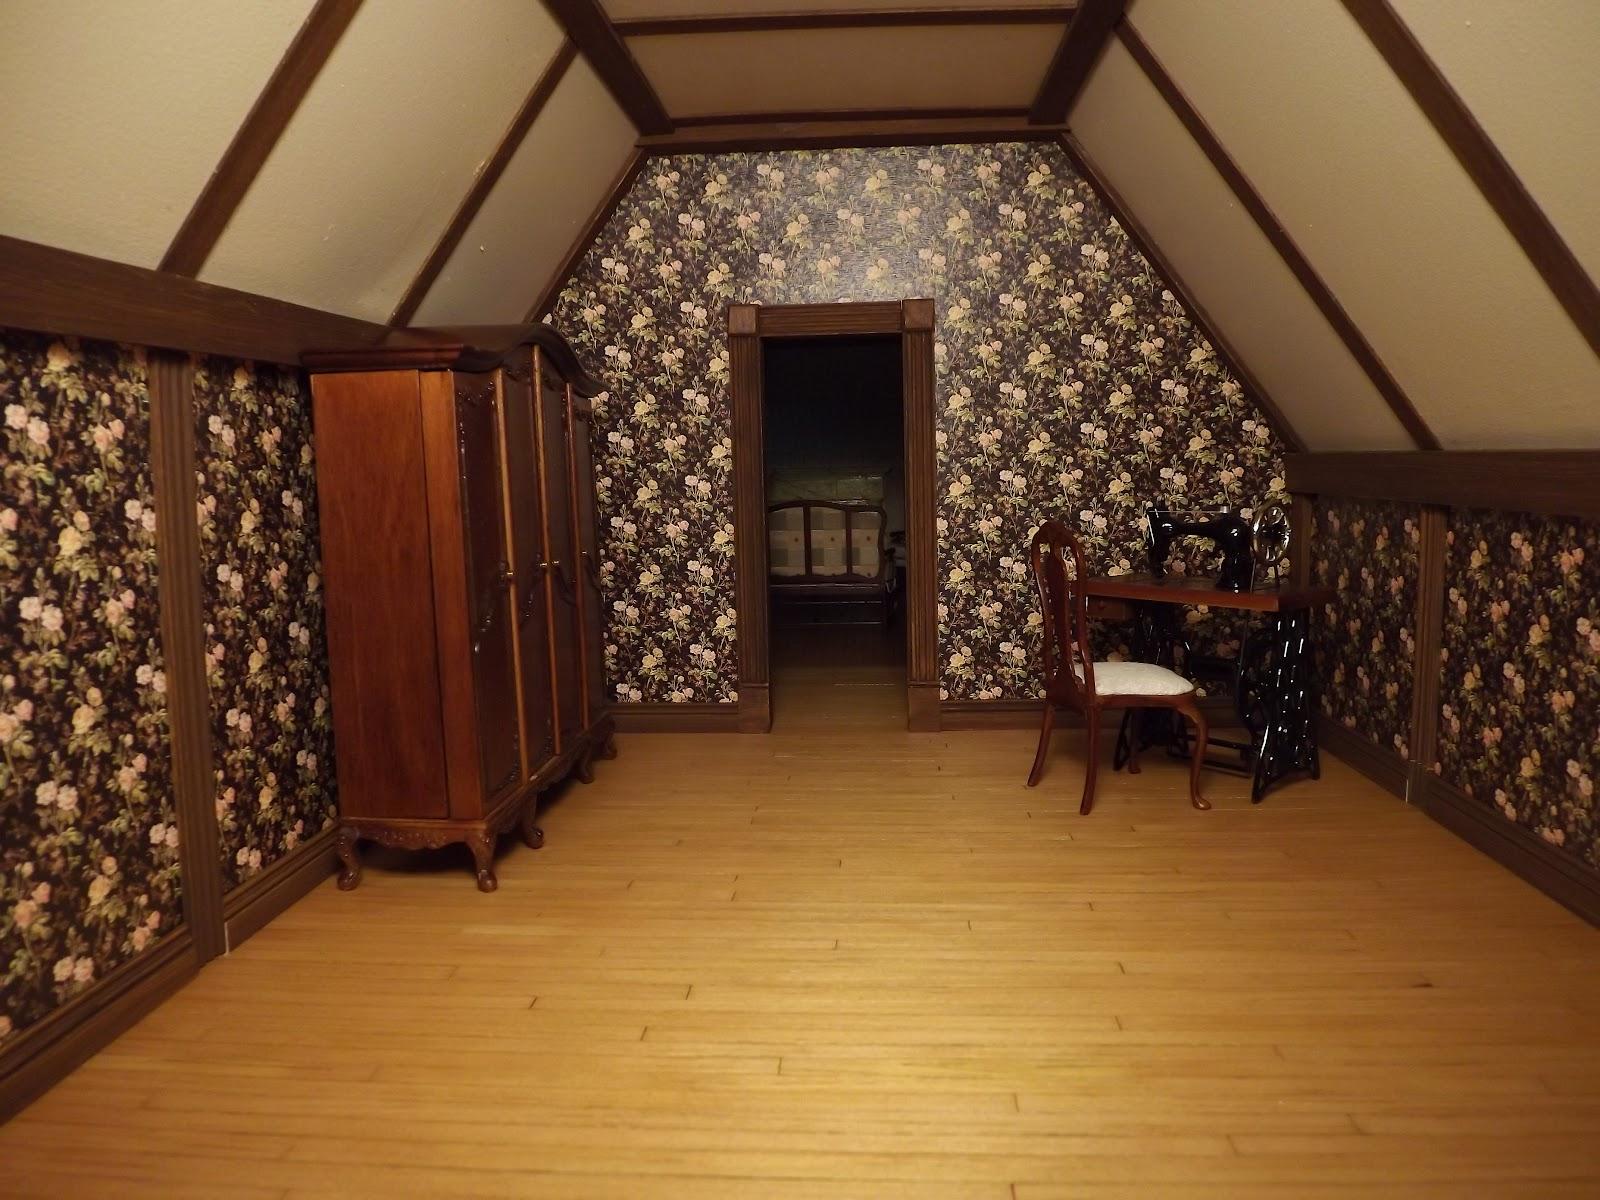 Sewing room wallpaper picswallpaper com sewing machines wallpaper